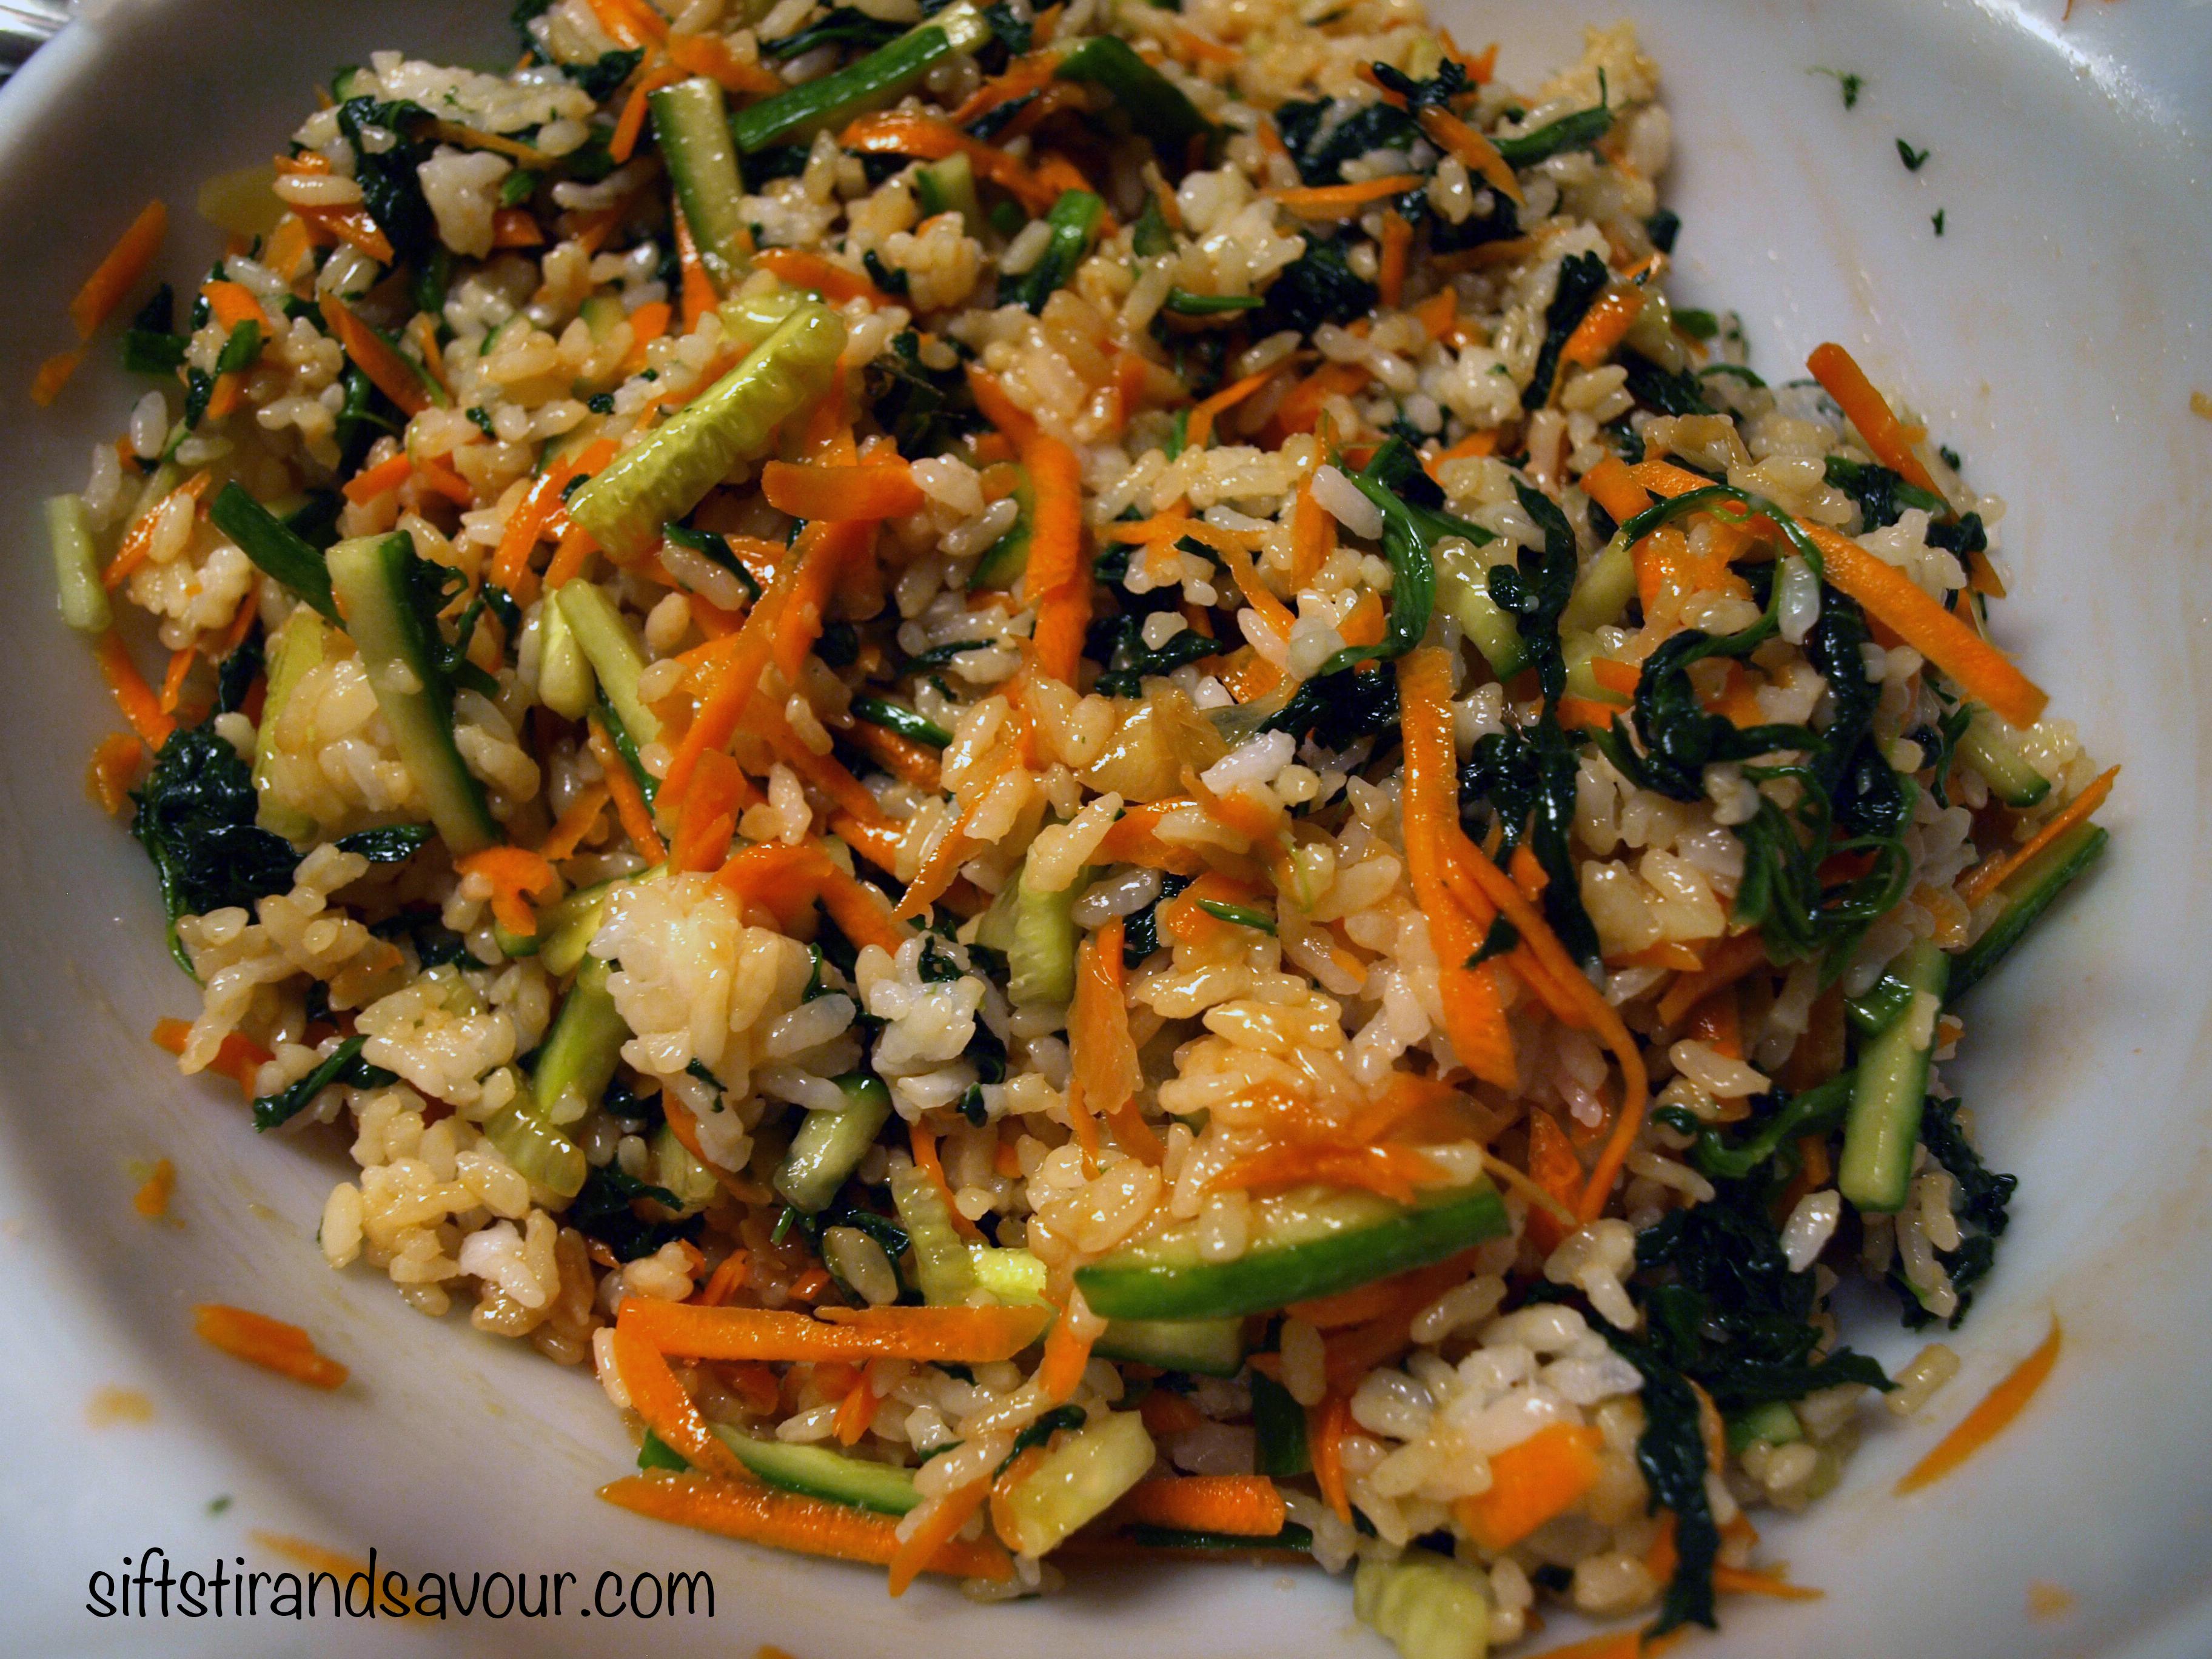 ... sushi cake sushi rice deconstructed sushi bowl sushi salad sushi salad